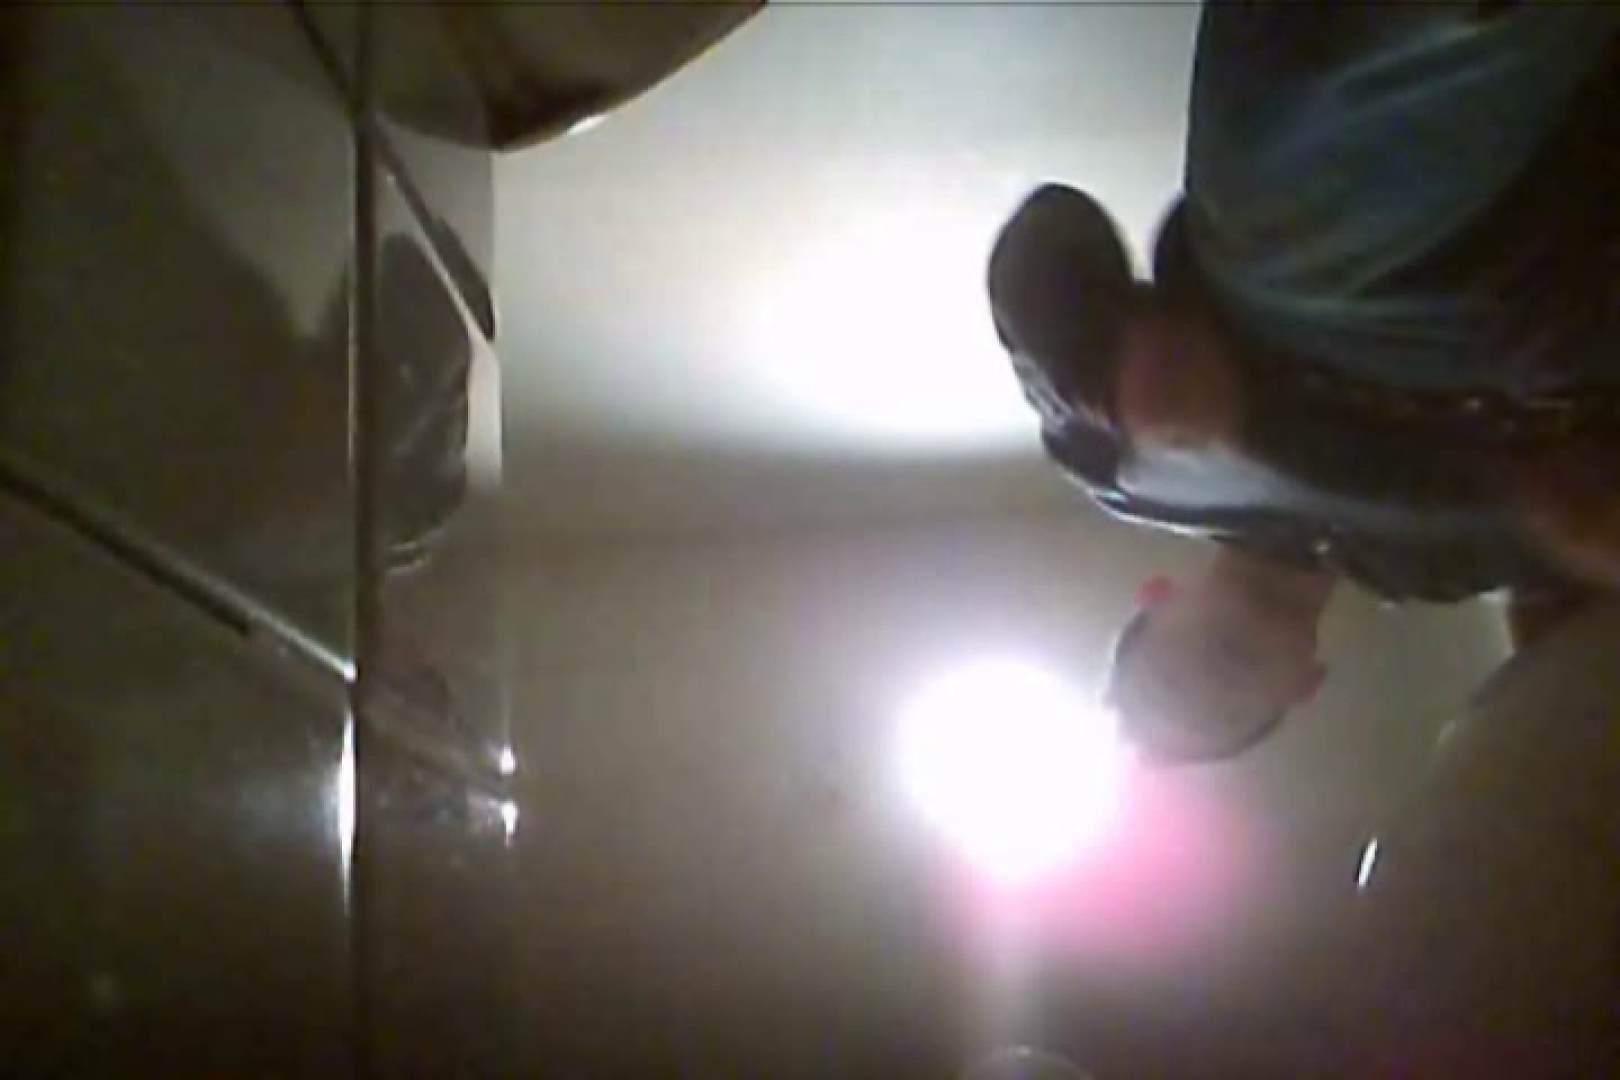 無修正セックス盗撮:SEASON 2ND!掴み取りさんの洗面所覗き!in新幹線!VOL.23※超イケメン登場!!:スーツ